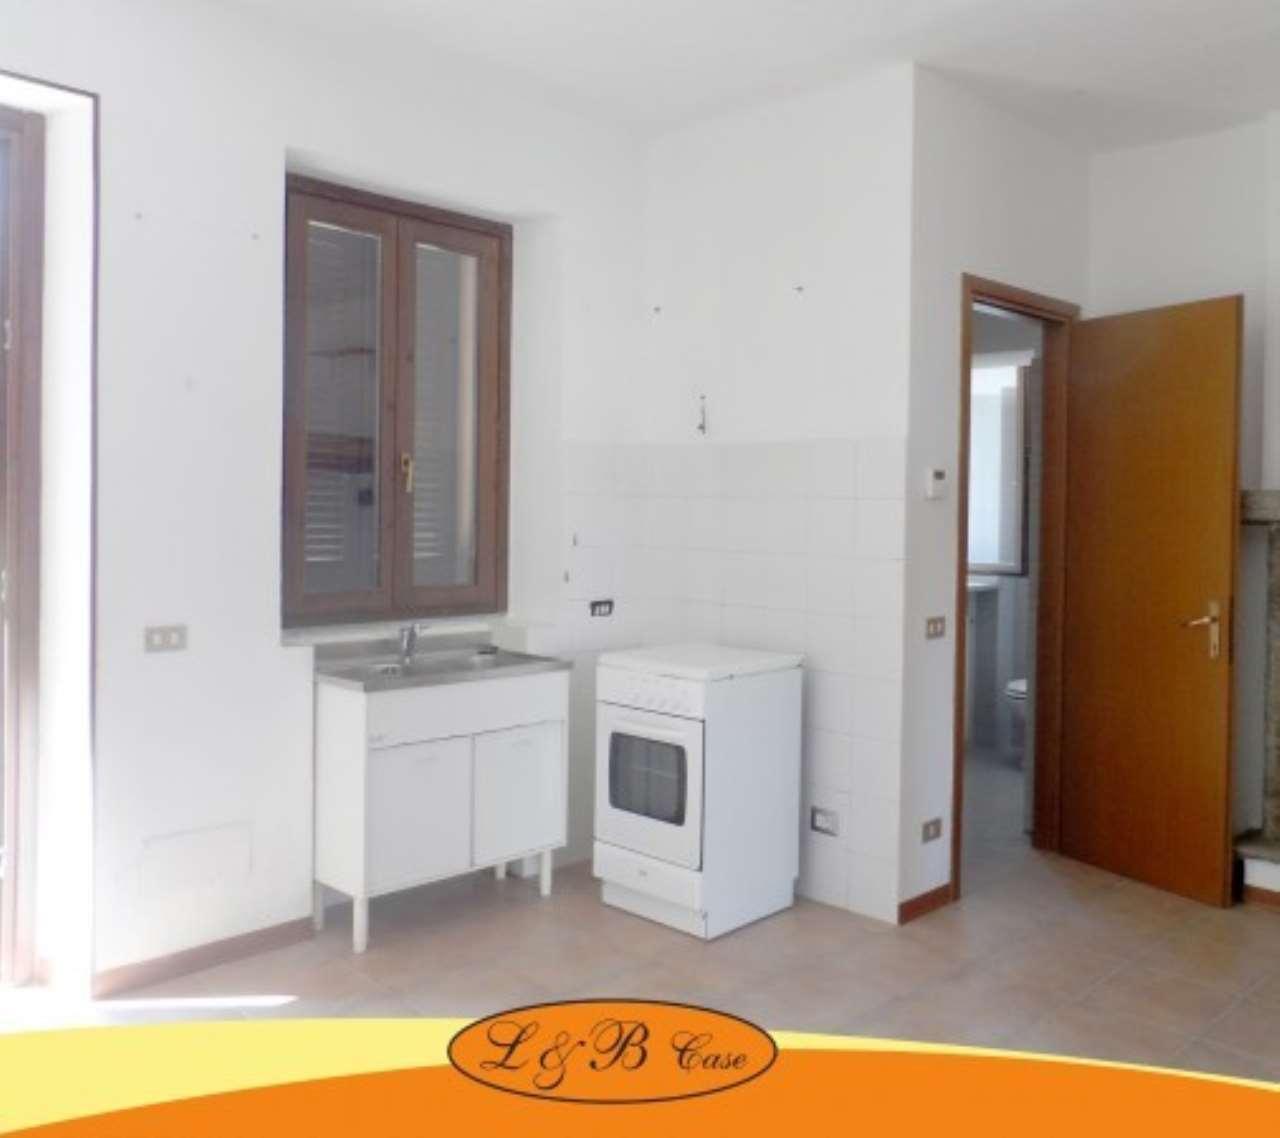 Appartamenti monolocali in affitto a novara for Appartamenti in affitto a novara arredati